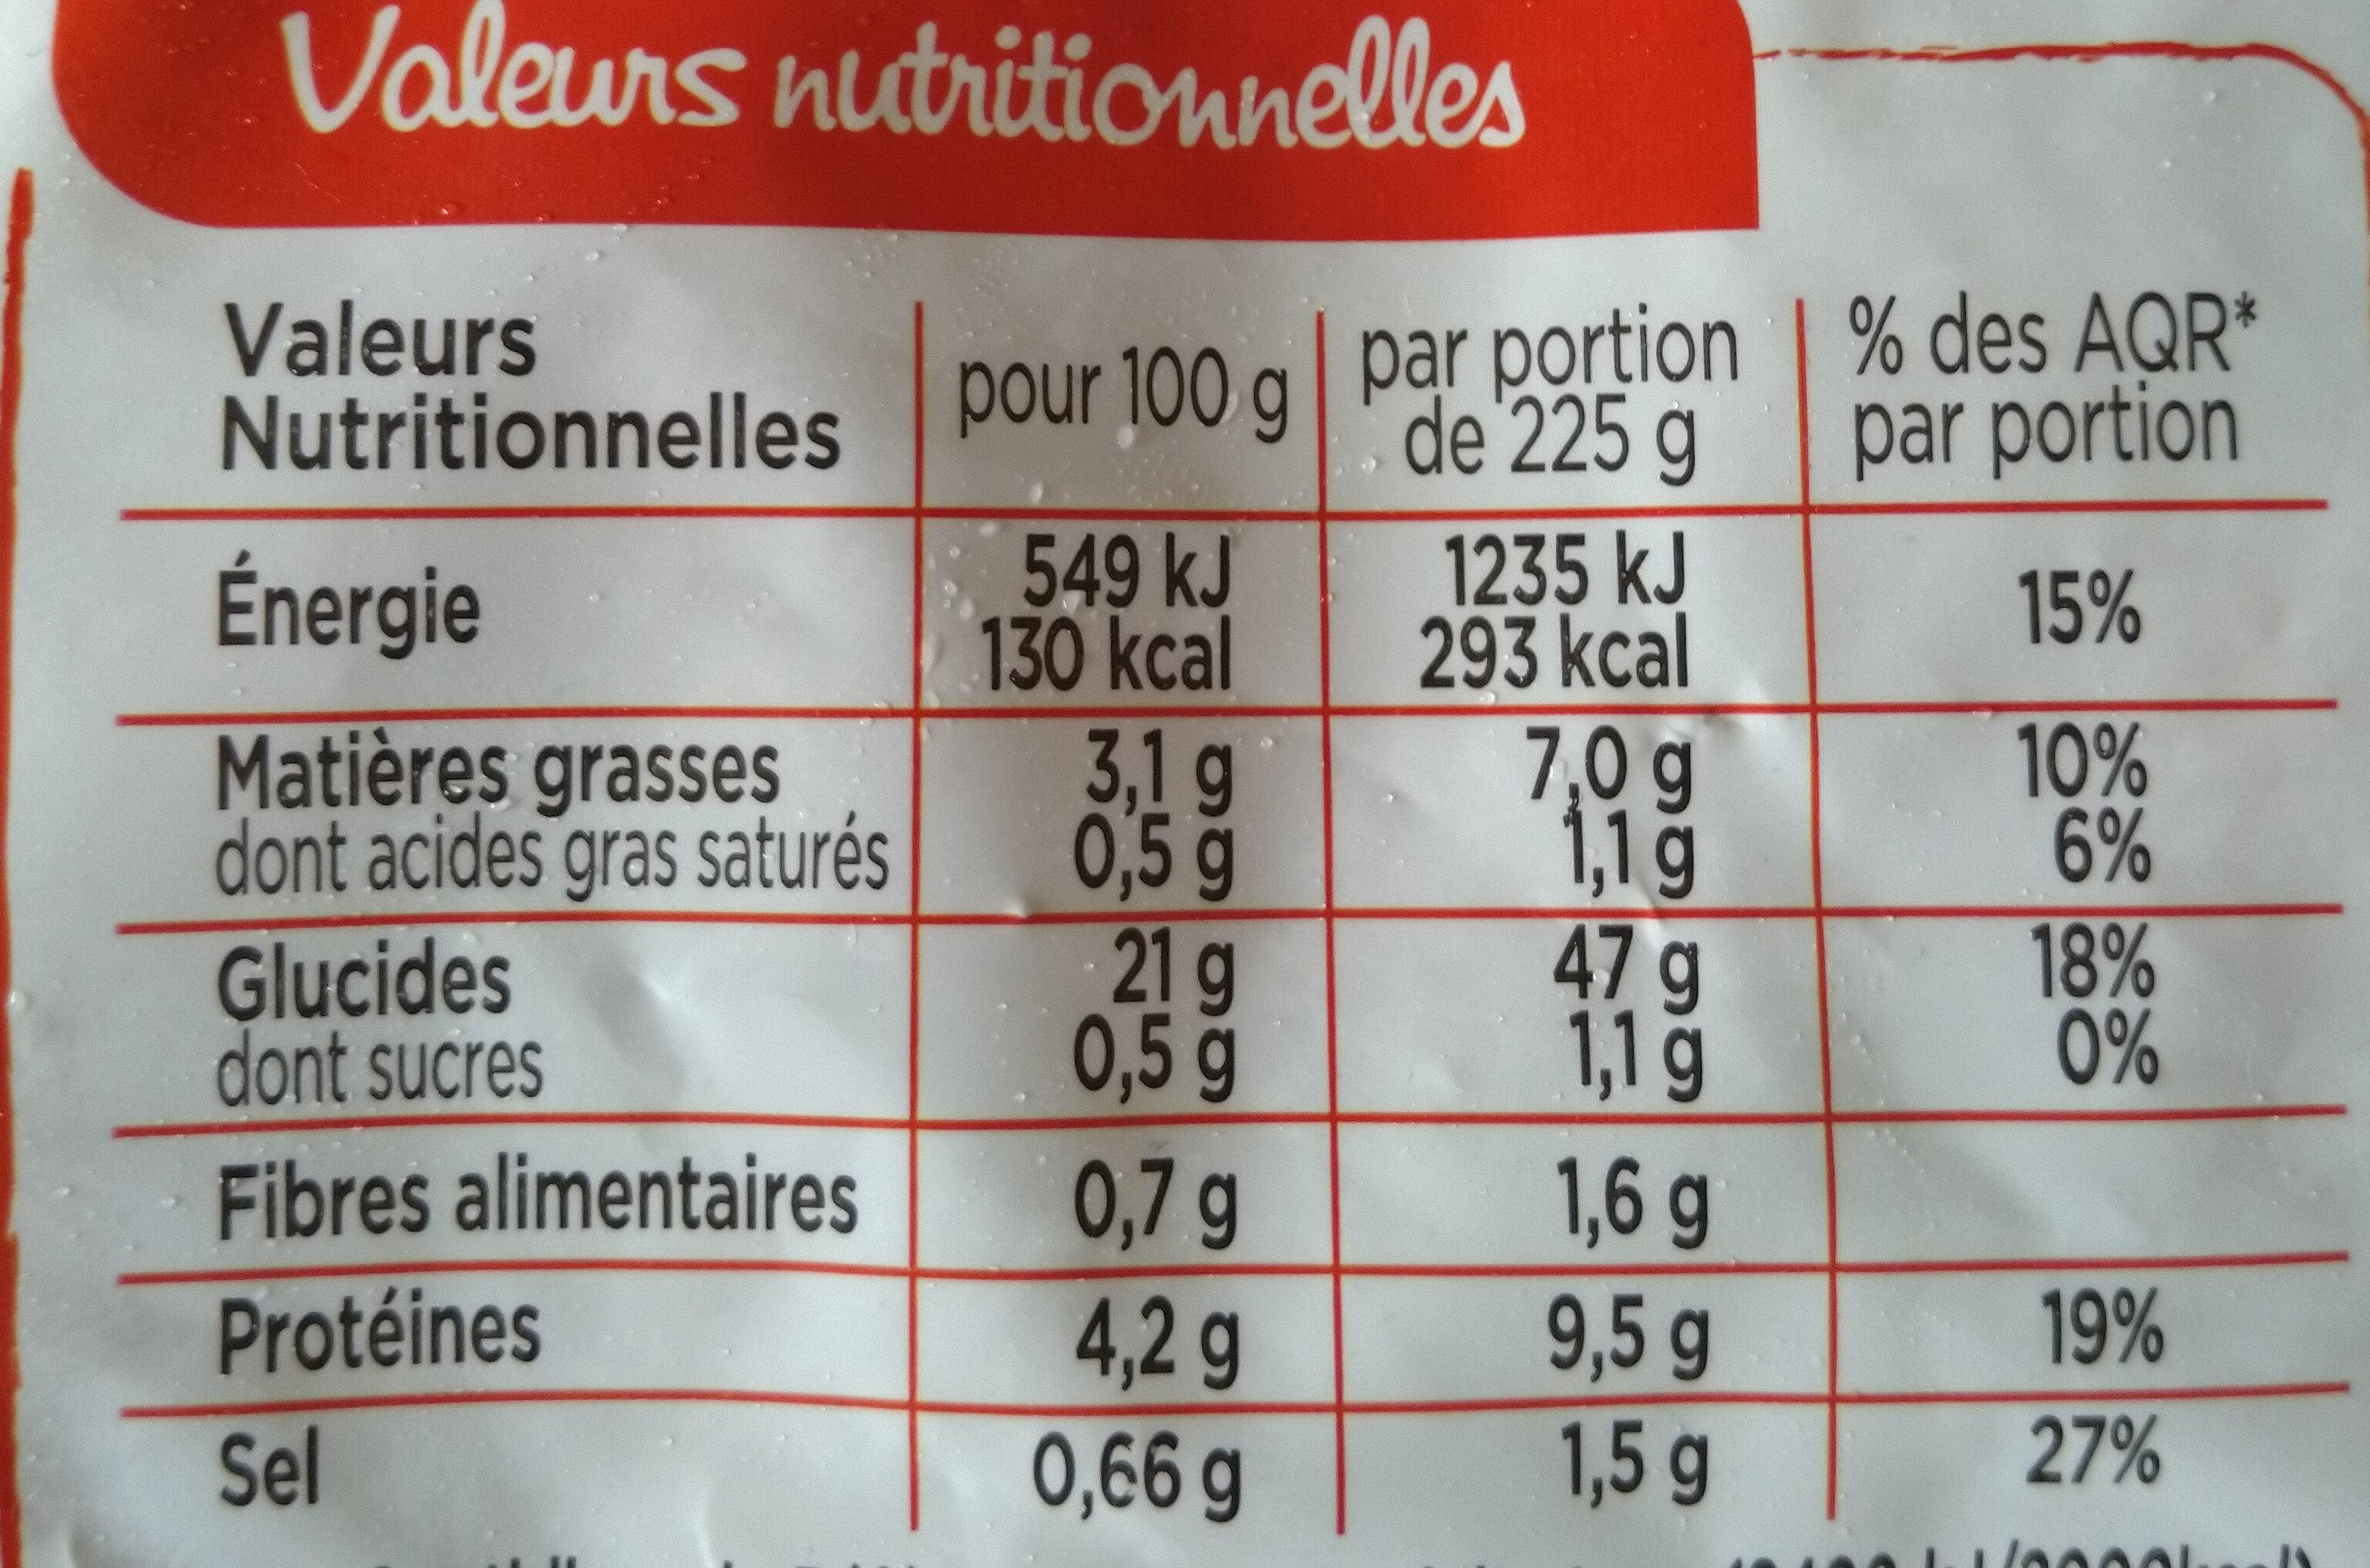 Riz à la cantonaise, Omelette et Jambon supérieur (900g) - Informations nutritionnelles - fr